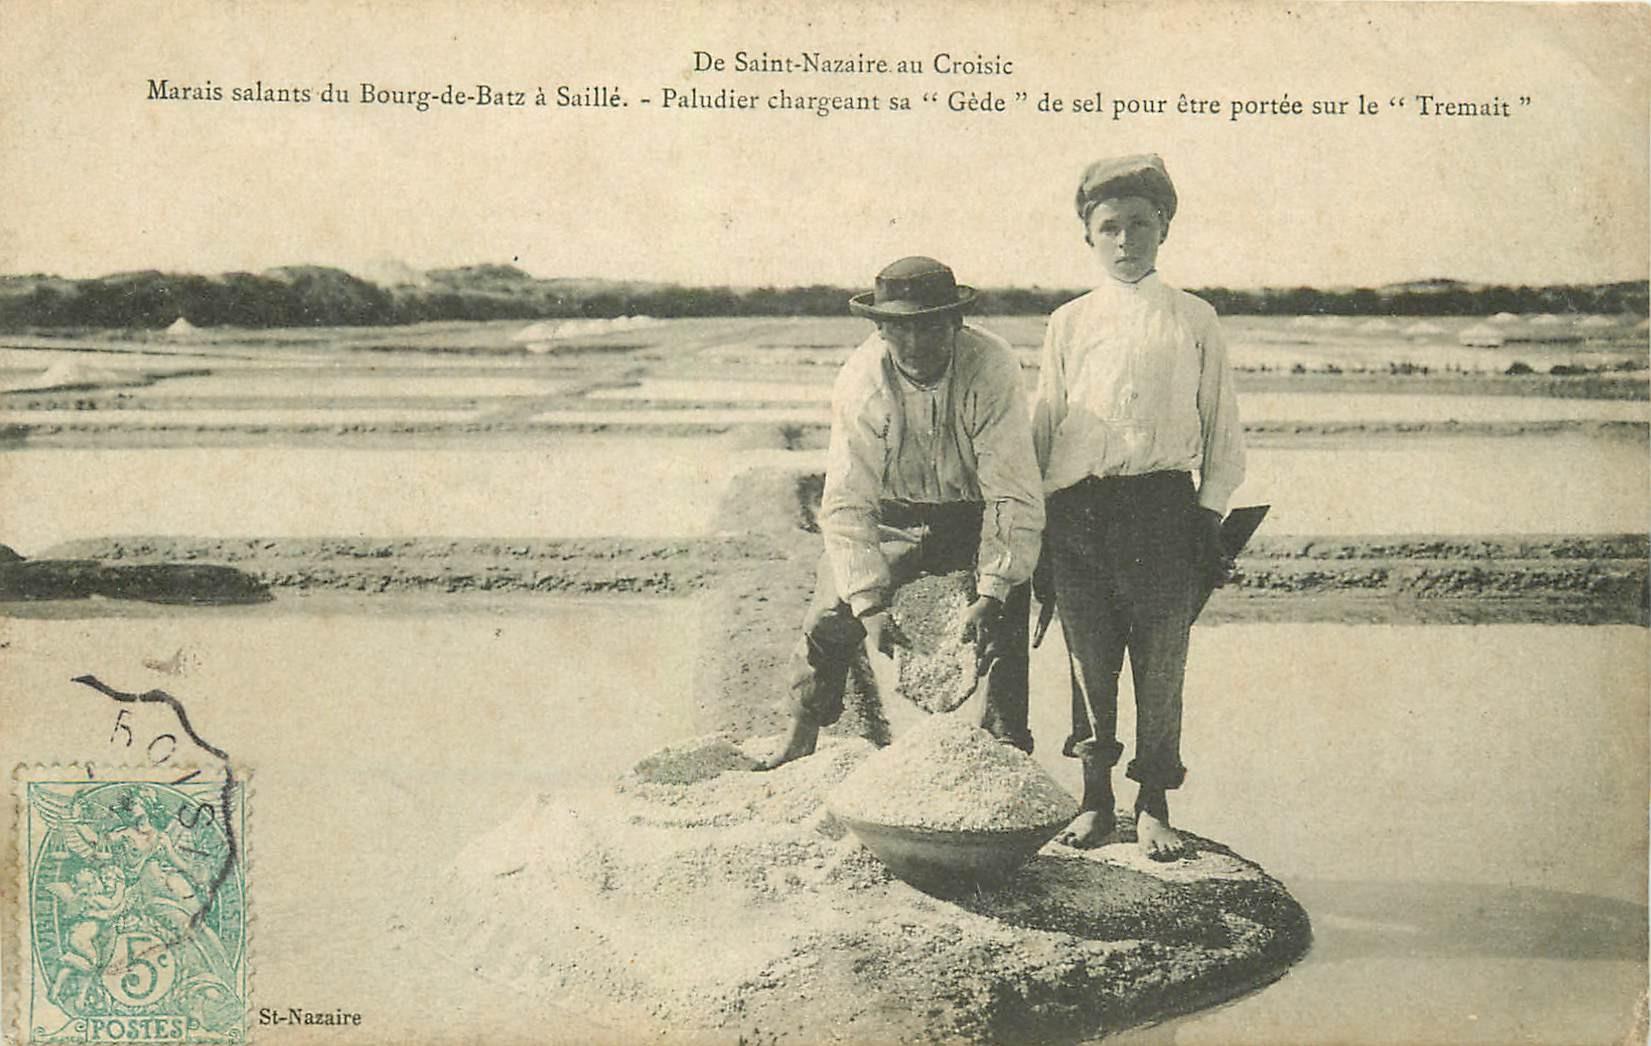 44 BOURG-DE-BATZ à SAILLE. Paludier chargeant sa Gède de sel pour être portée sur le Tremait 1905